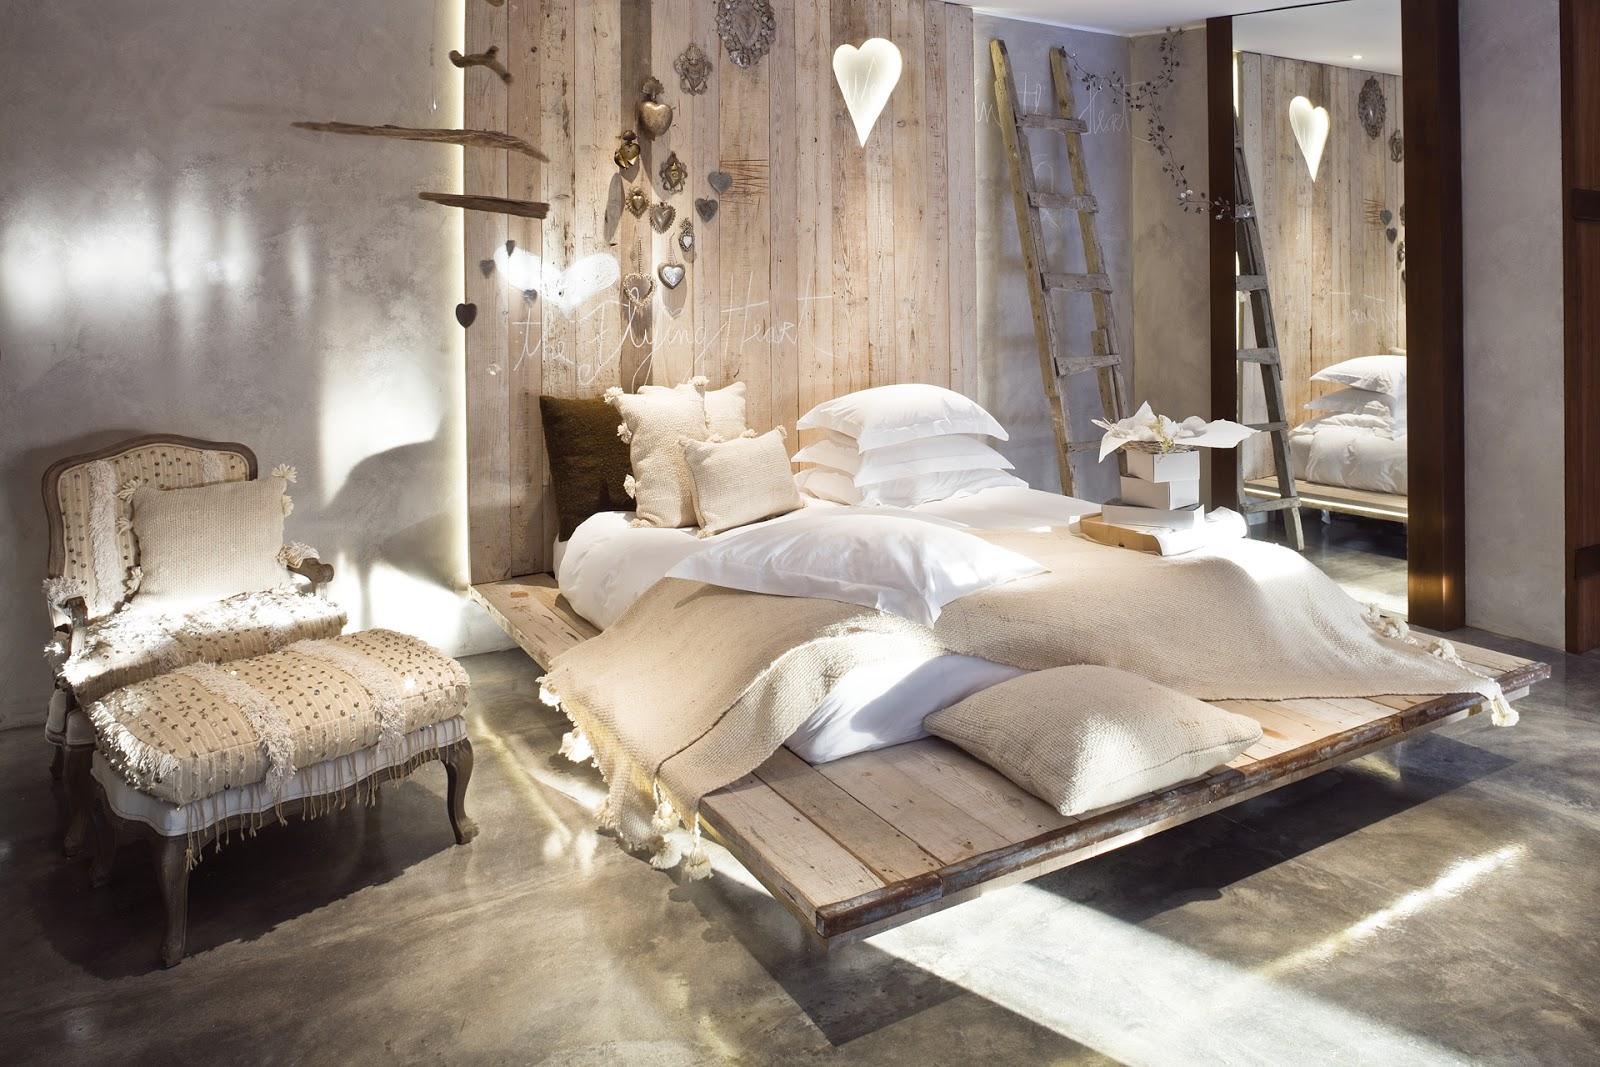 eco+style+holiday+luxury+areiasdoseixo+bedroom++ethnicchic+cocomorocco